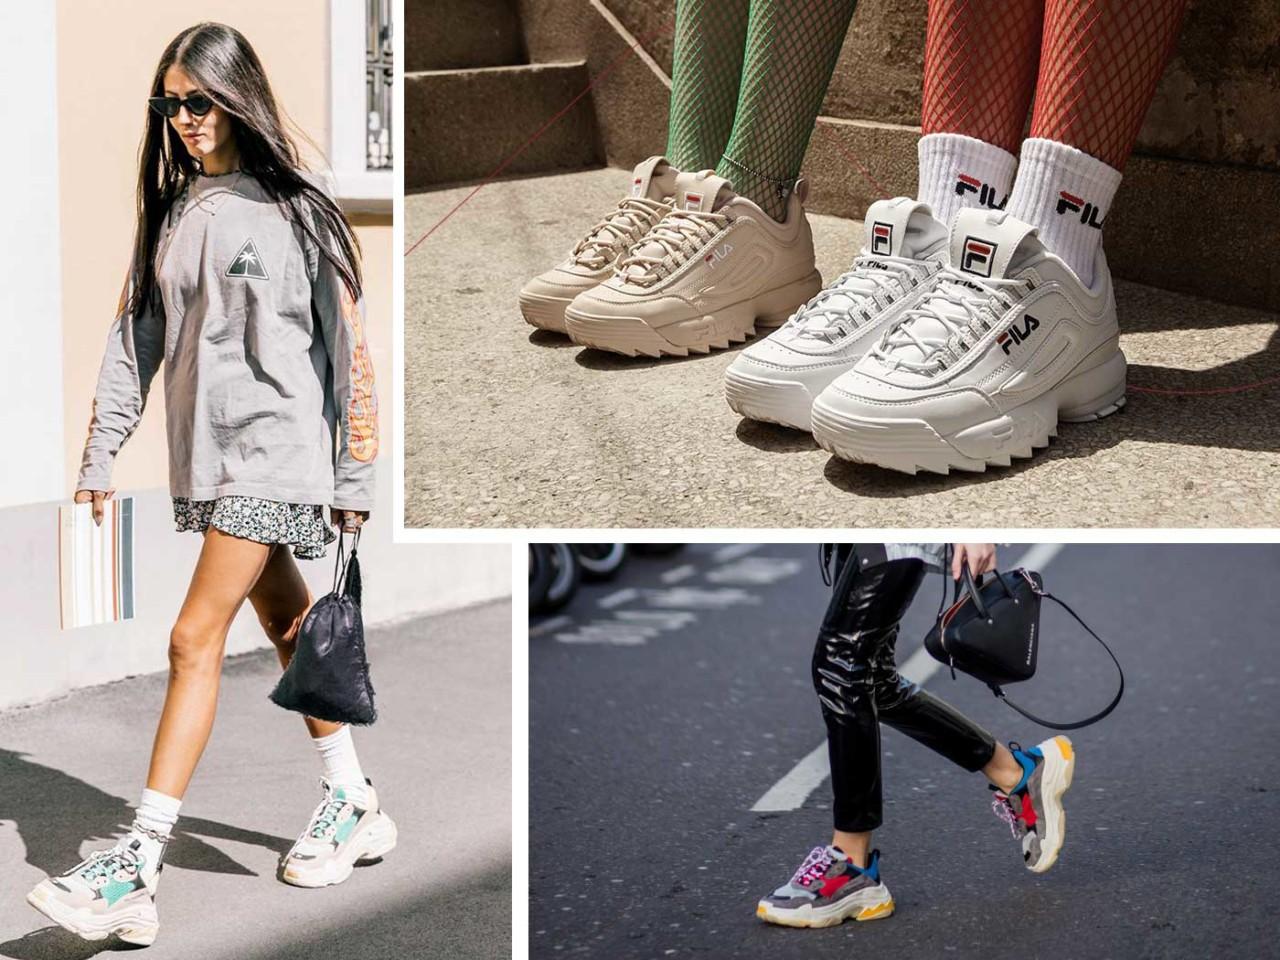 Chuẩn mực sneaker xấu xí vừa được nâng lên một tầm cao mới nhờ đôi giày giẫm giày gây lú của Cardi B - Ảnh 1.